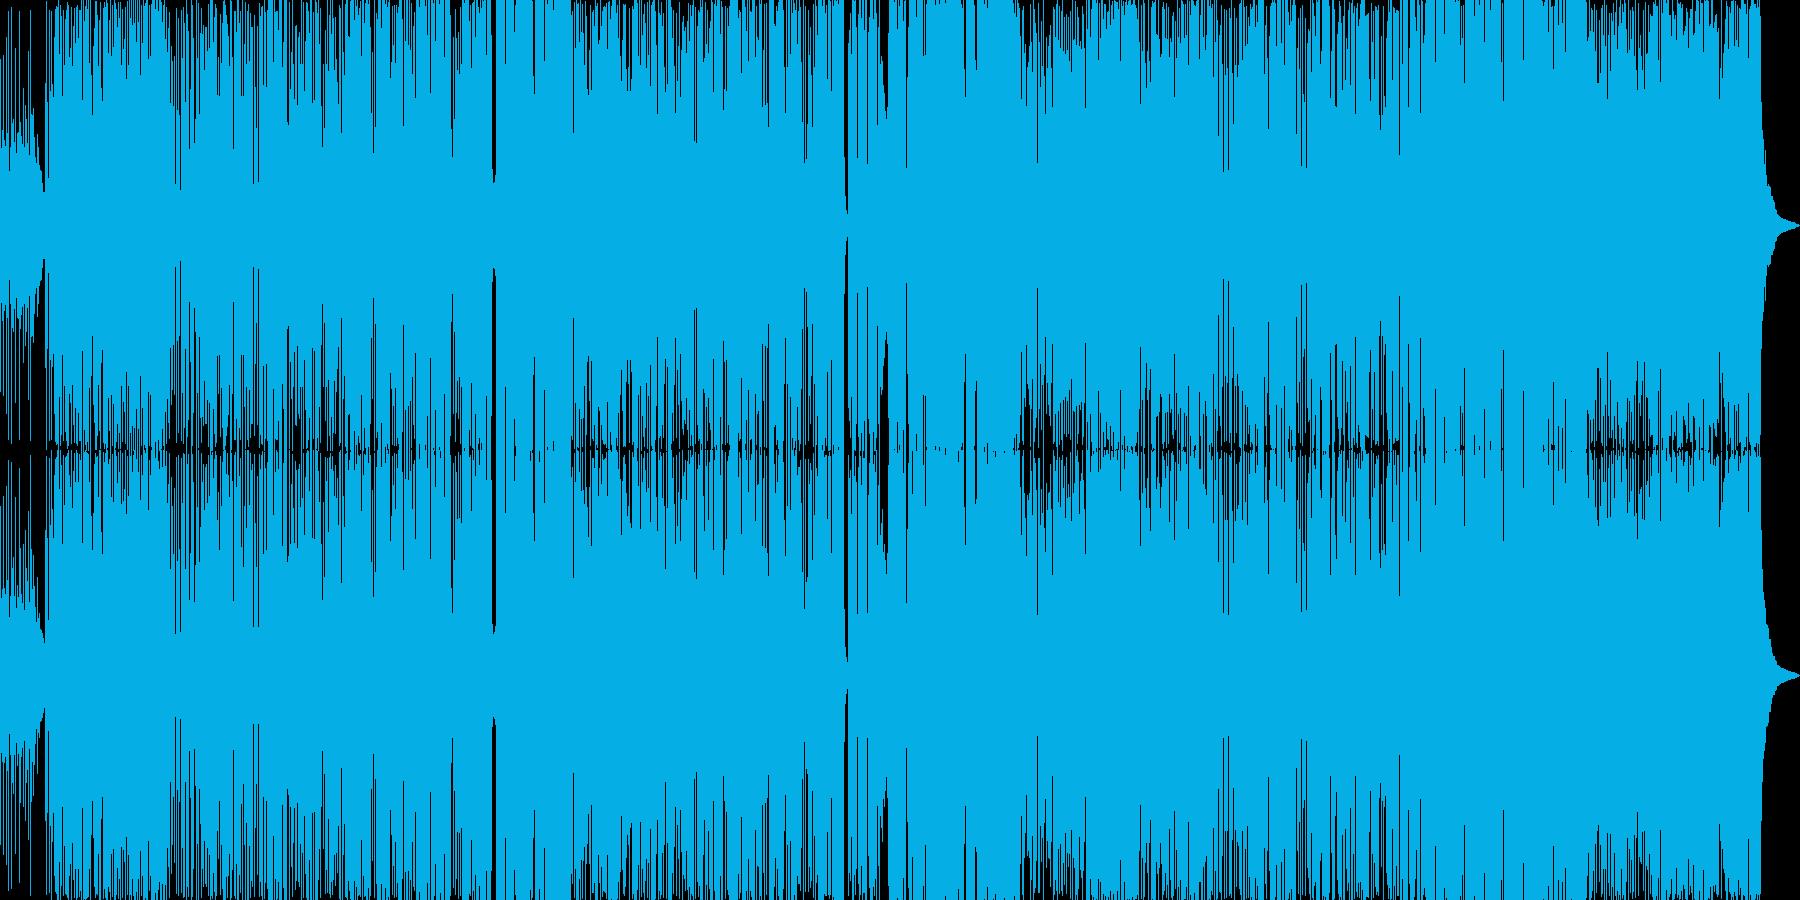 「強さ」と「切なさ」を歌ったハードポップの再生済みの波形